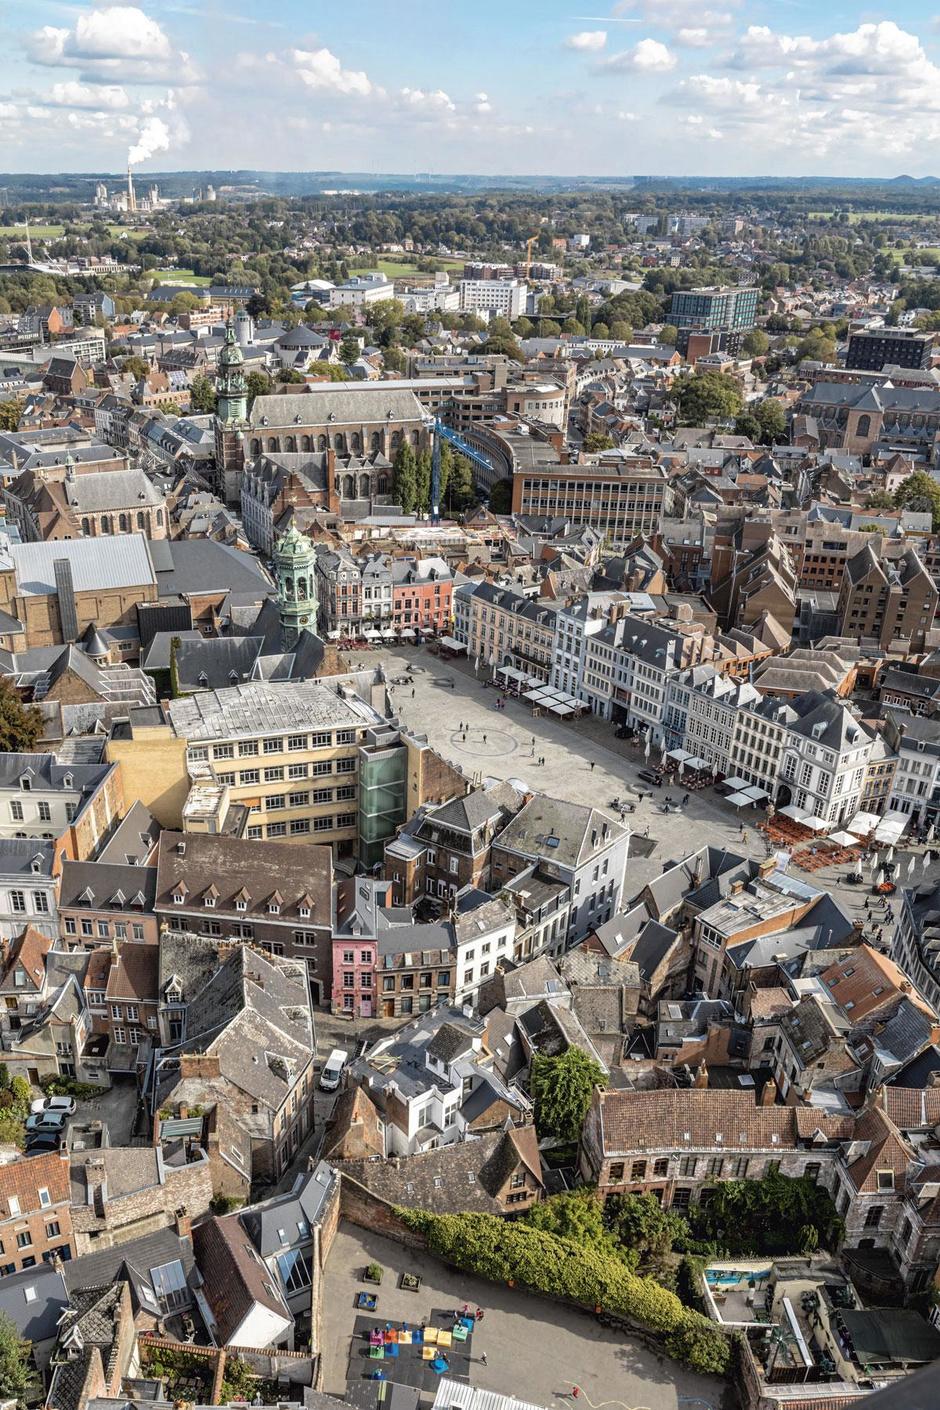 Économie, écologie, énergie et participation citoyenne: Mons, une ville en transition(s)